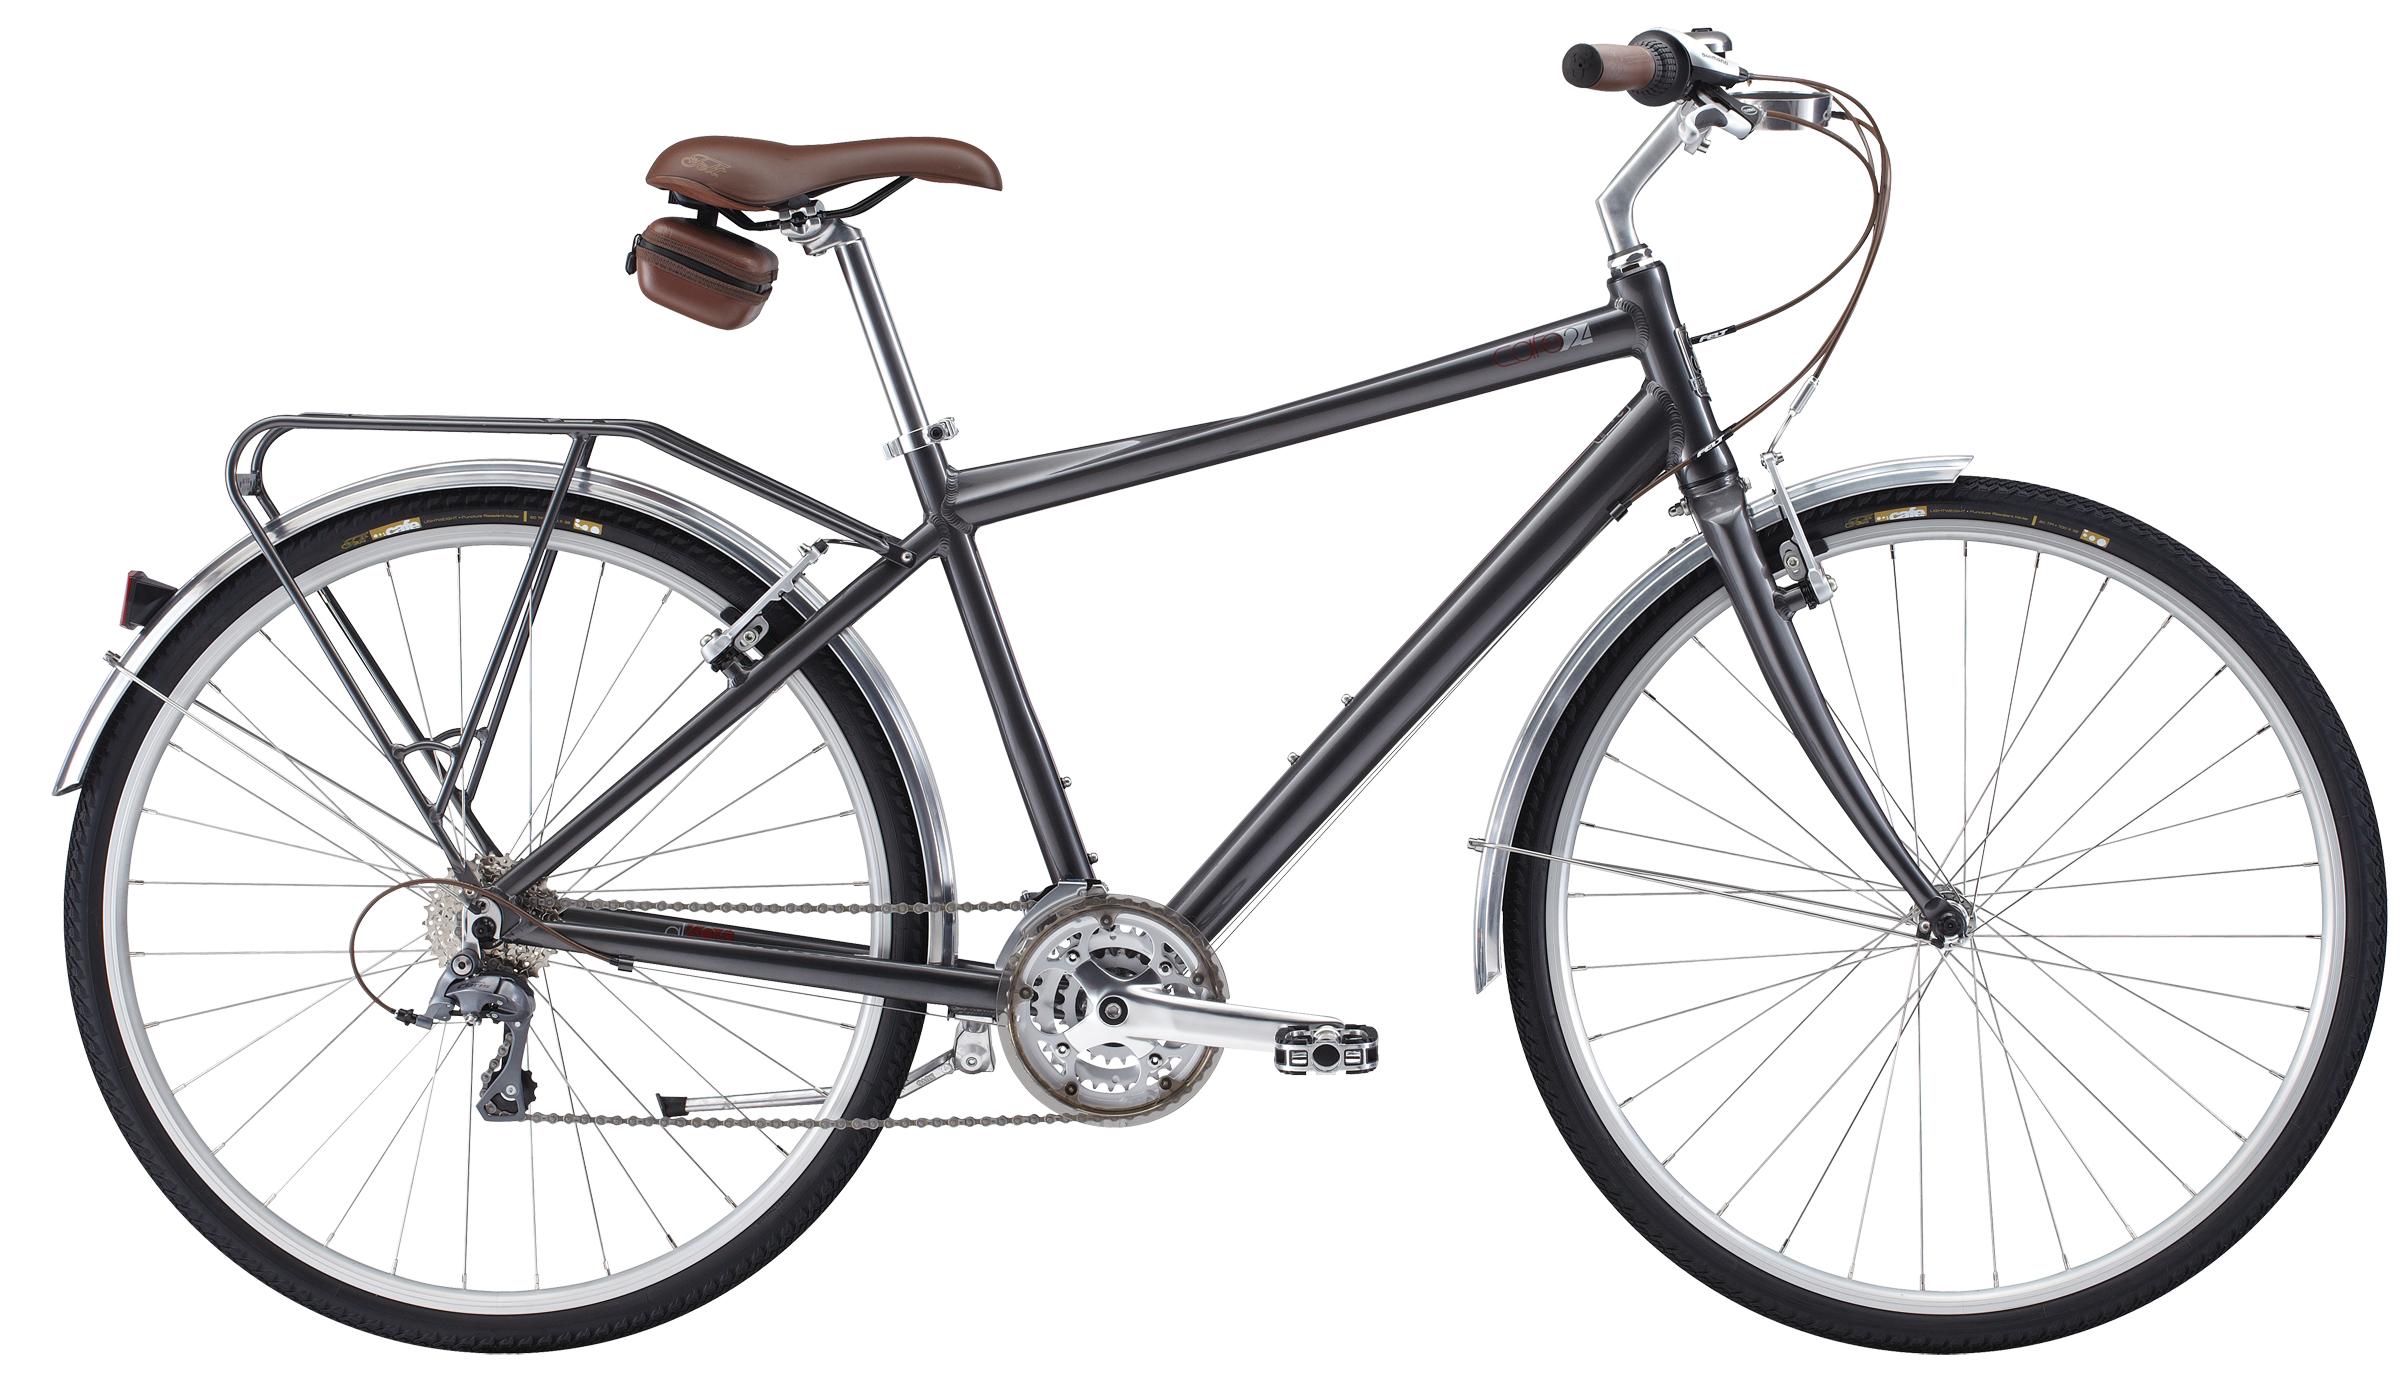 c7b52354223 Felt Bicycles Café 24 Deluxe - www.sbrutah.com